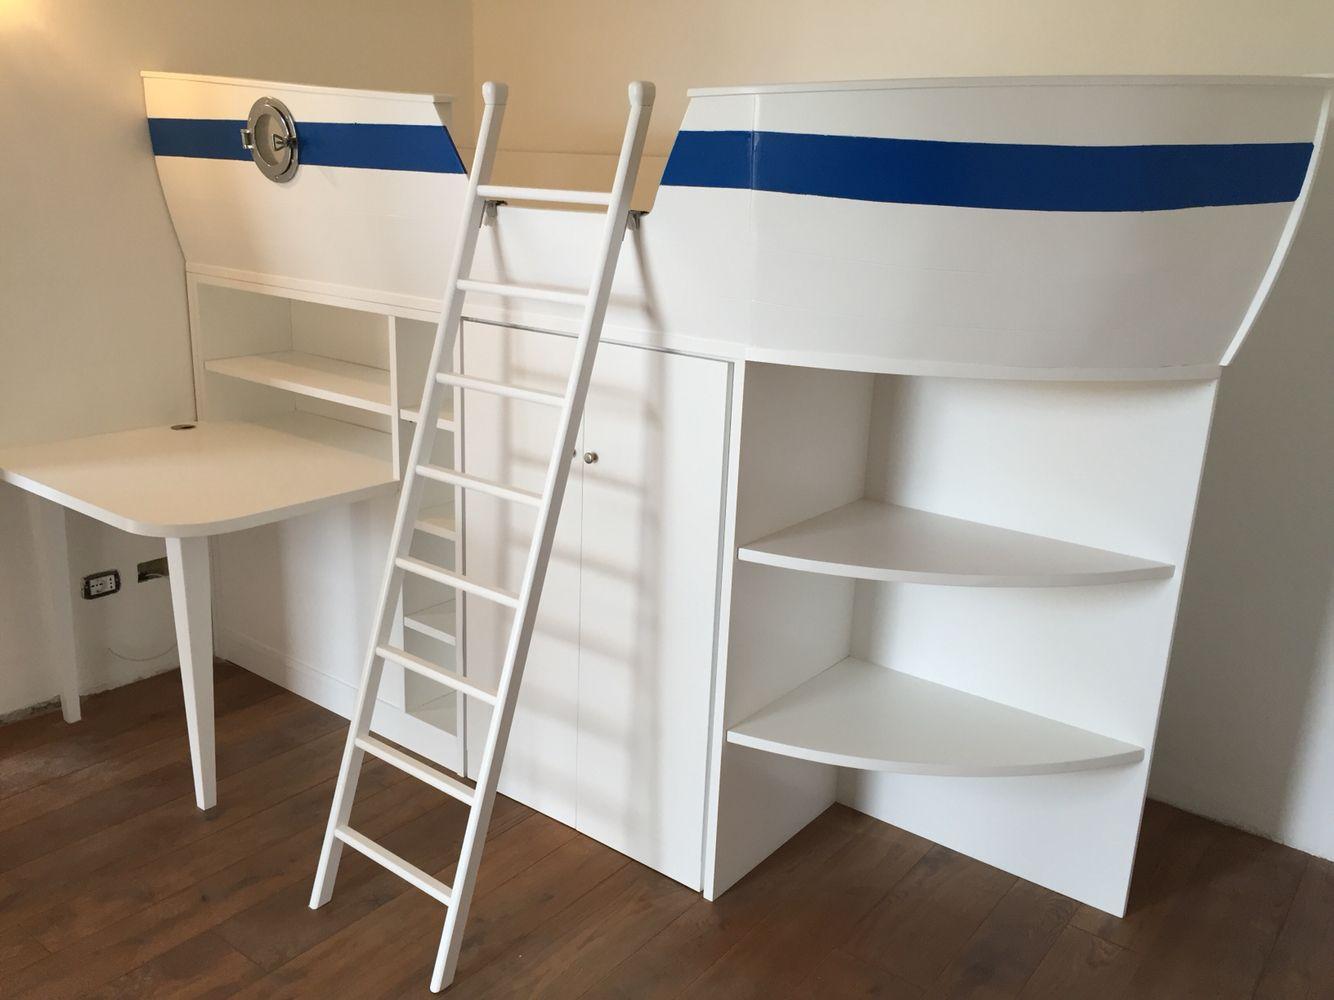 Libreria Scrivania A Scomparsa : Consegna e montaggio di un letto a forma di barca con libreria